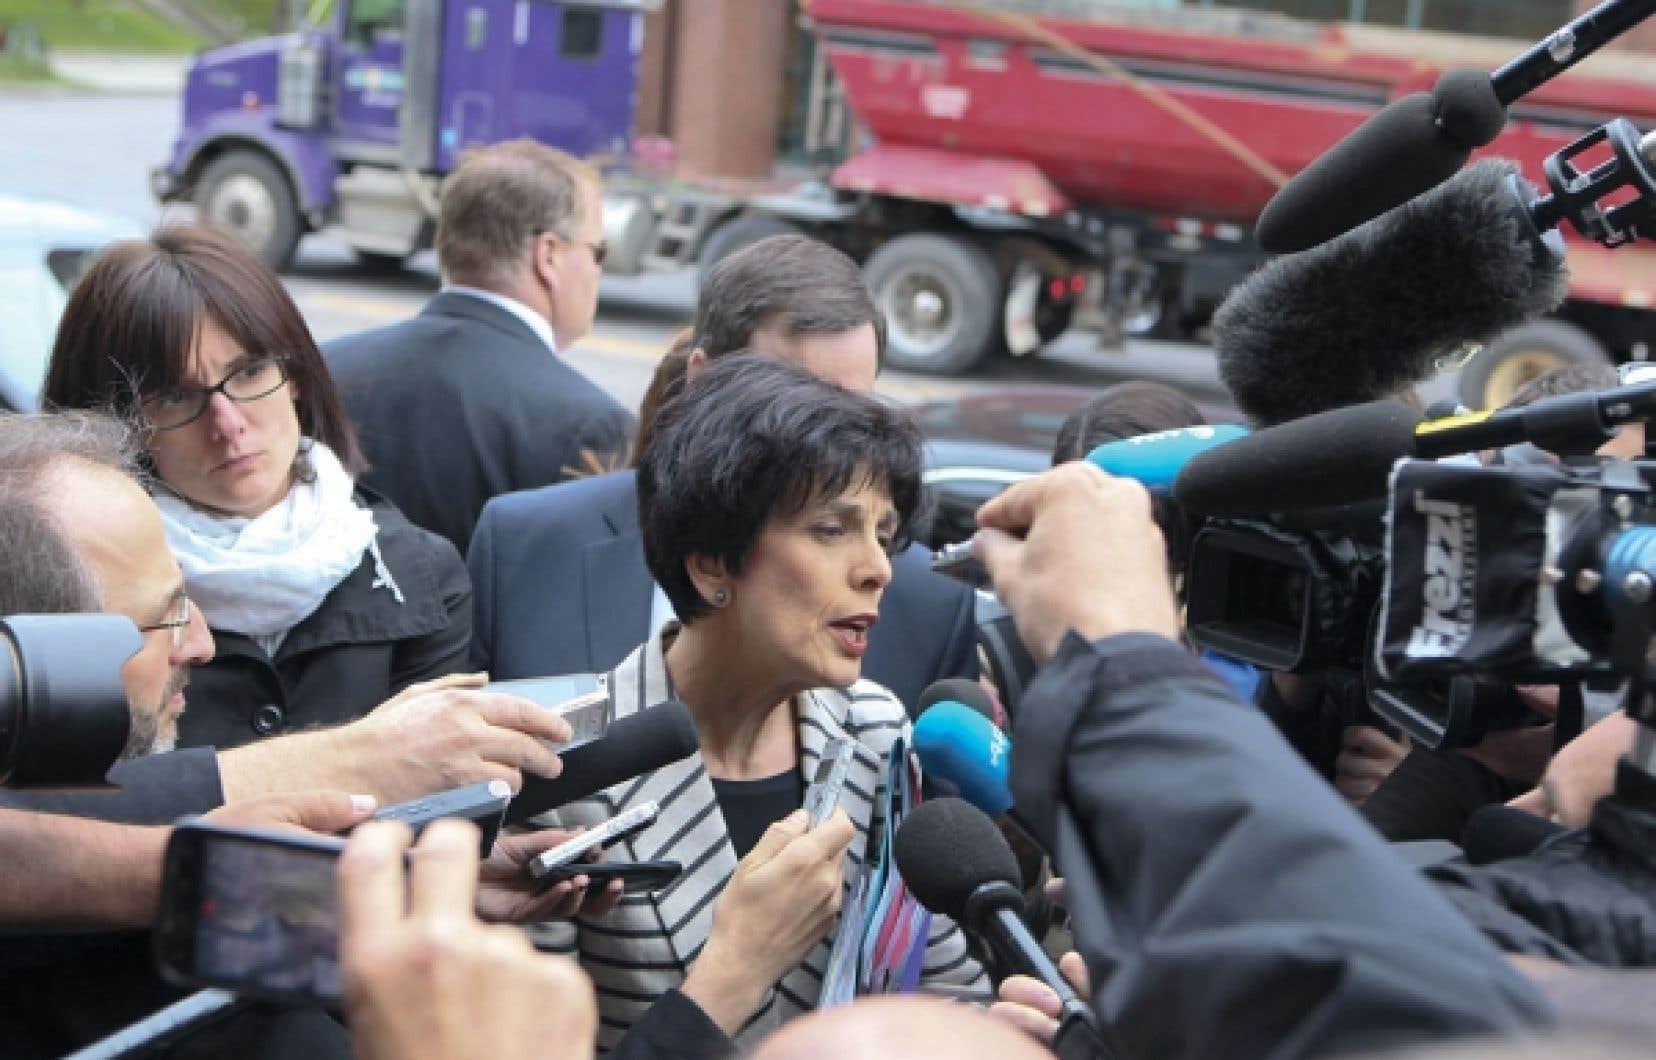 <div> La ministre de l'Éducation et présidente du Conseil du trésor, Michelle Courchesne, s'est adressée aux journalistes avant le début des négociations qui ont été entreprises hier avec les étudiants à Québec. Elle a dit aborder ces discussions « avec ouverture ».</div>